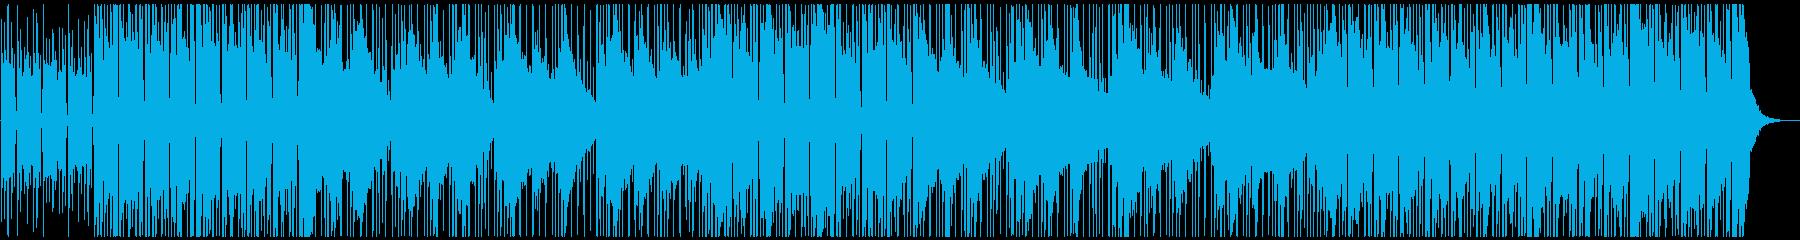 ポップ・明るい・ほのぼの・オープニングの再生済みの波形